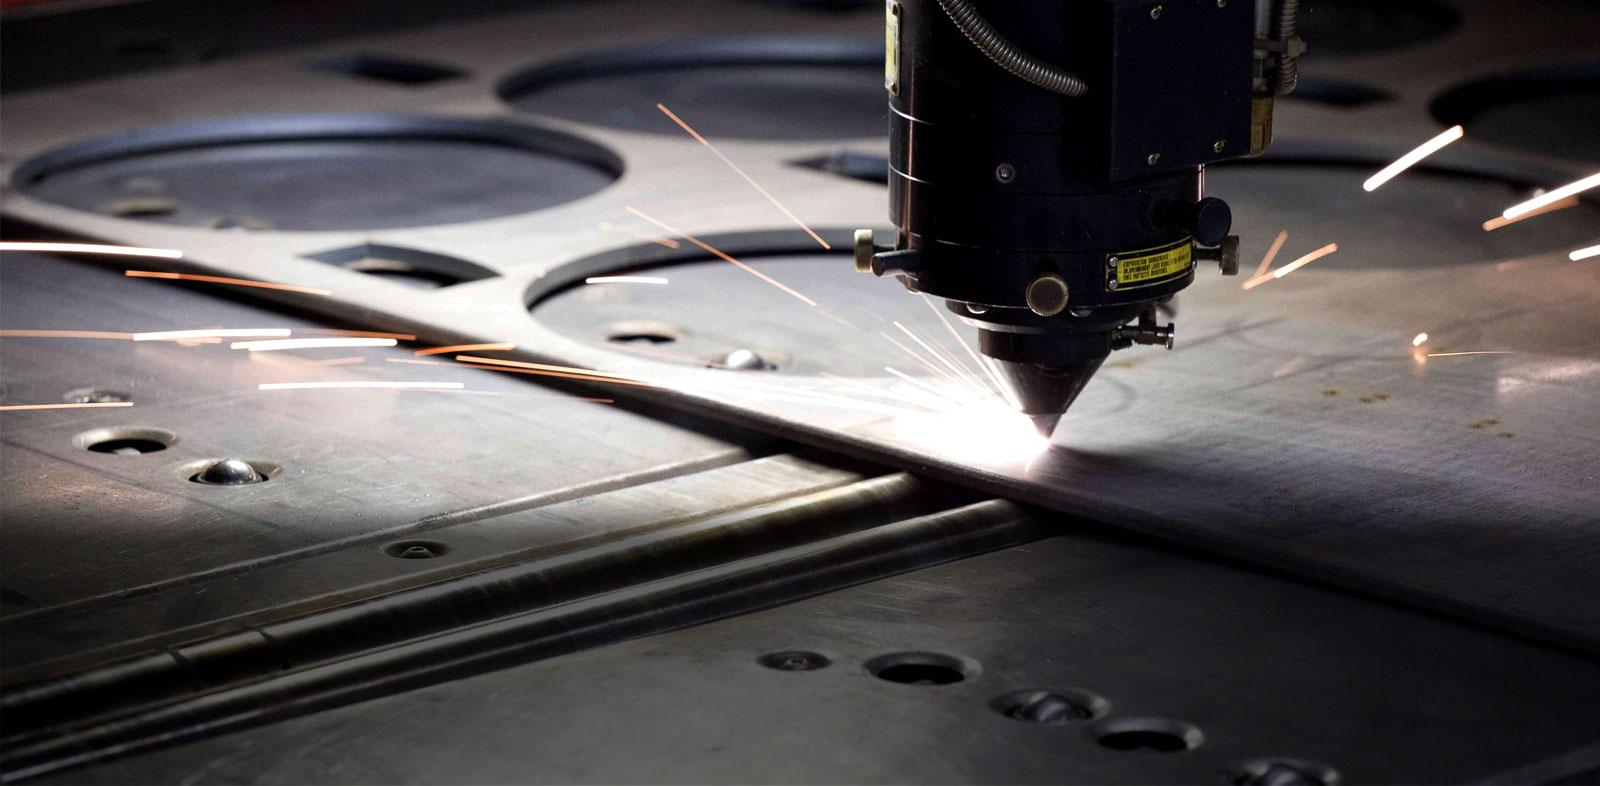 CCLS - Cchiri Laser Solutions - Découpe Laser